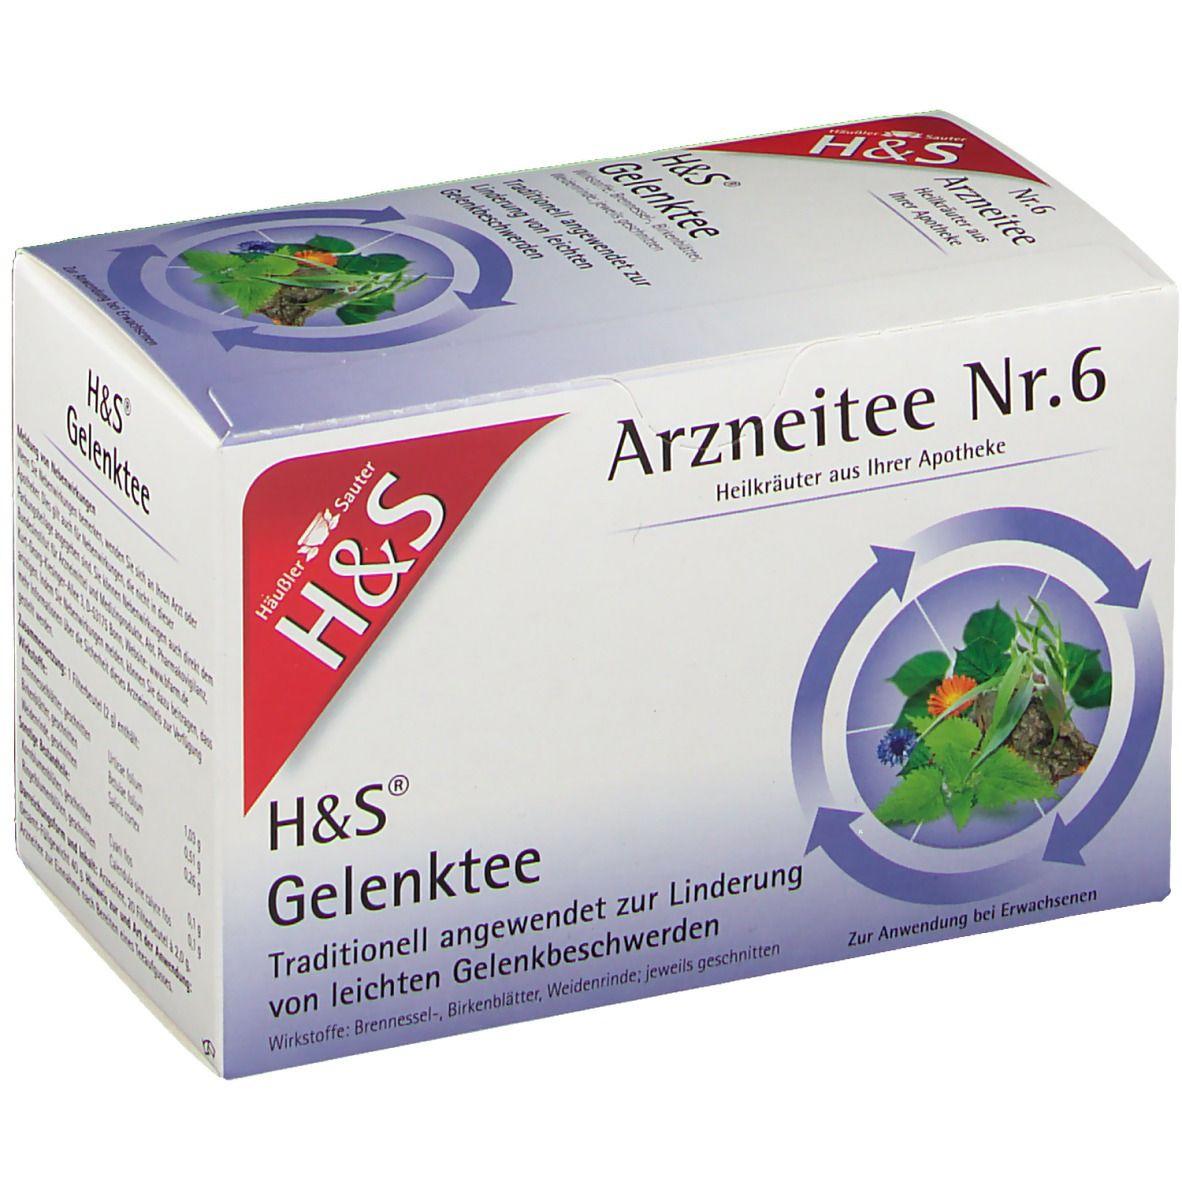 H&S Arzneitee Nr. 6